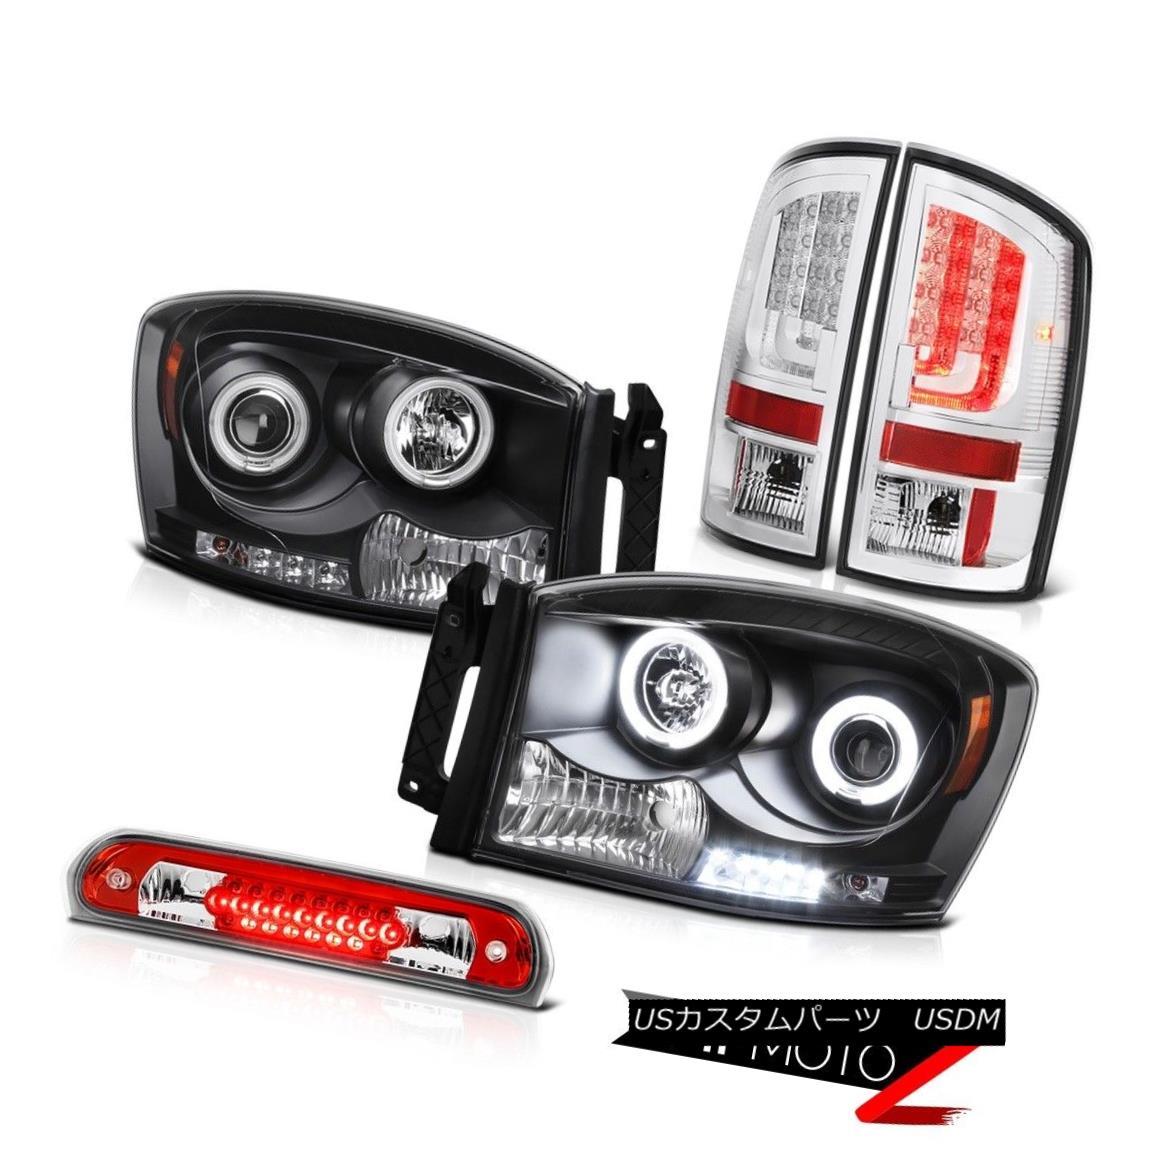 テールライト 2006 Ram 4.7L Taillamps Black Headlamps Third Brake Lamp Tron Tube LED NeweST 2006ラム4.7Lタイルランプブラックヘッドランプ第3ブレーキランプトロンチューブLED NeweST